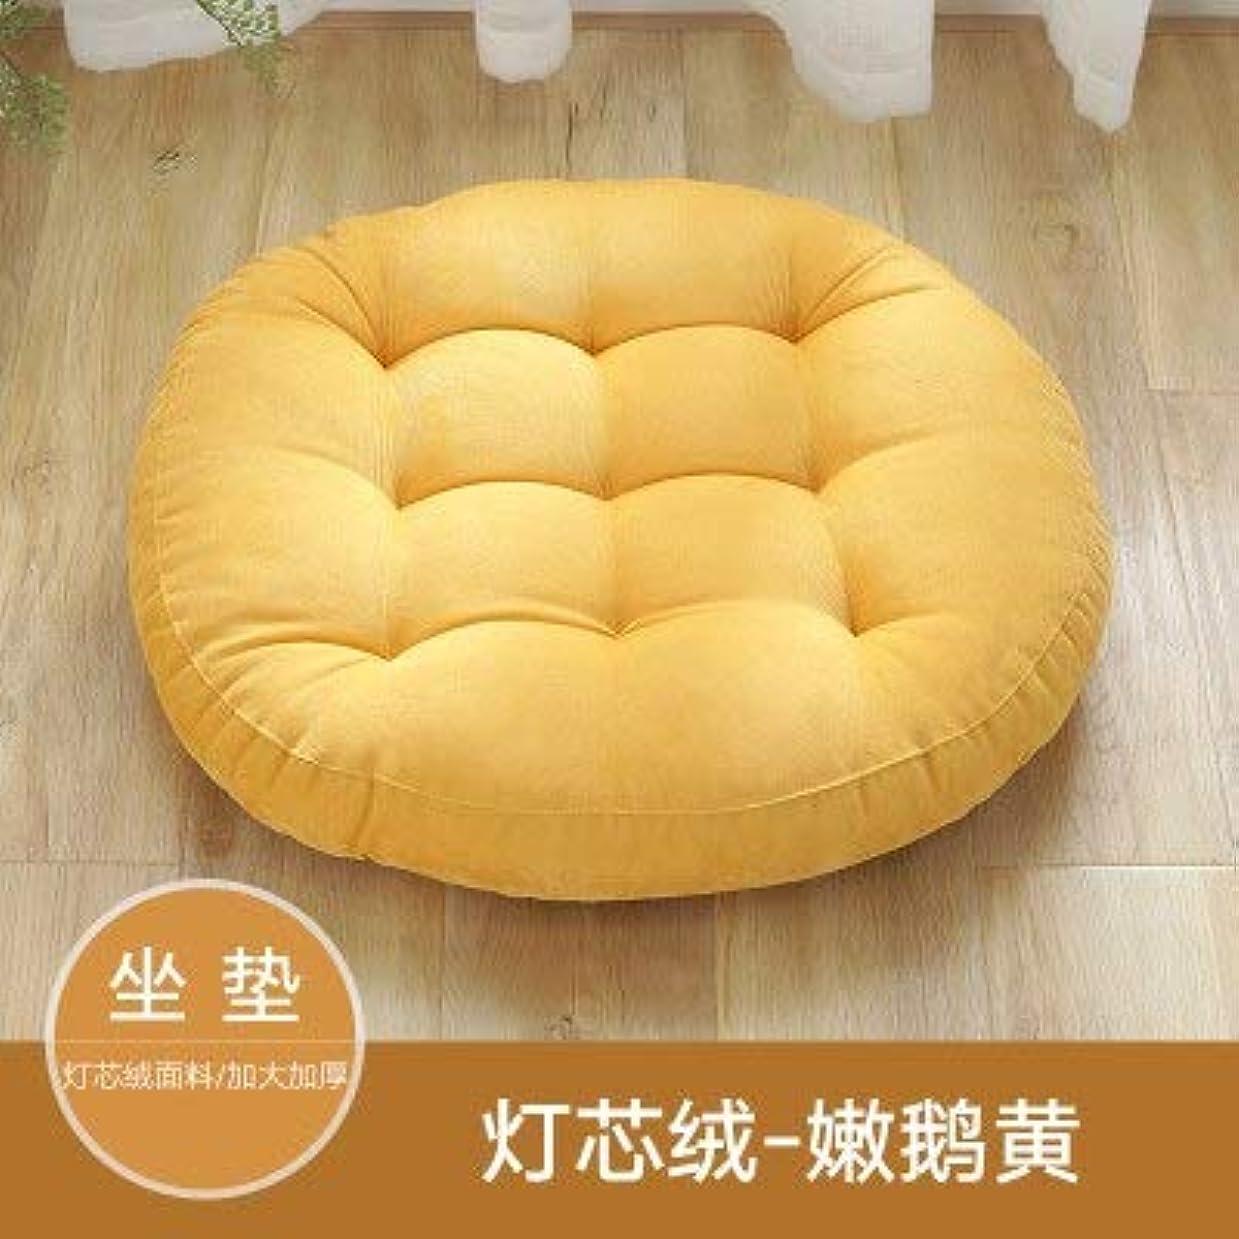 生産性ポンドティッシュLIFE ラウンド厚い椅子のクッションフロアマットレスシートパッドソフトホームオフィスチェアクッションマットソフトスロー枕最高品質の床クッション クッション 椅子